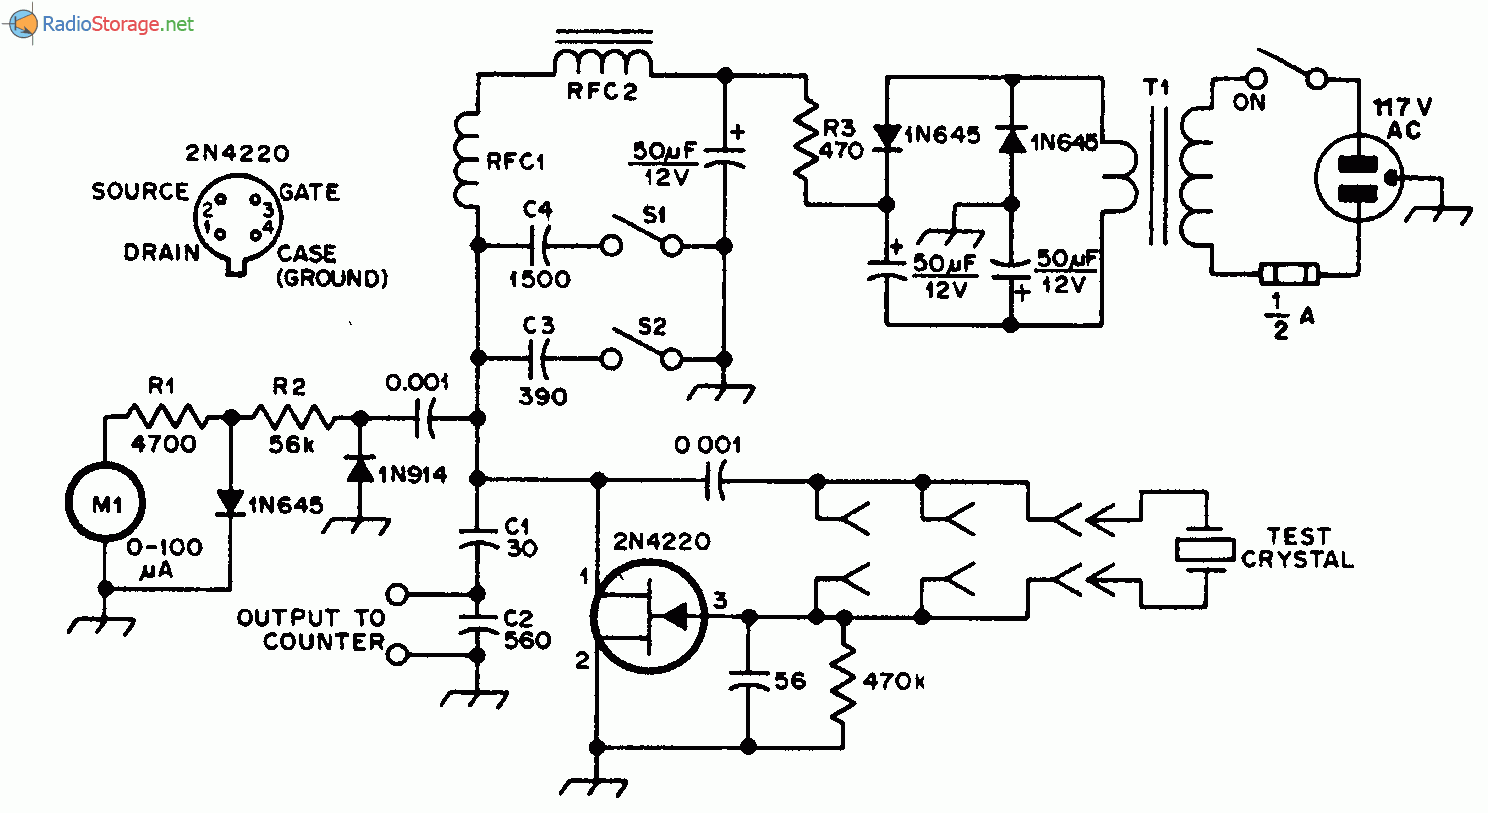 Генератор Пирса на полевом транзисторе 2N4220 тестирует любые кварцевые резонаторы (кварцы) в диапазоне частот от 50...